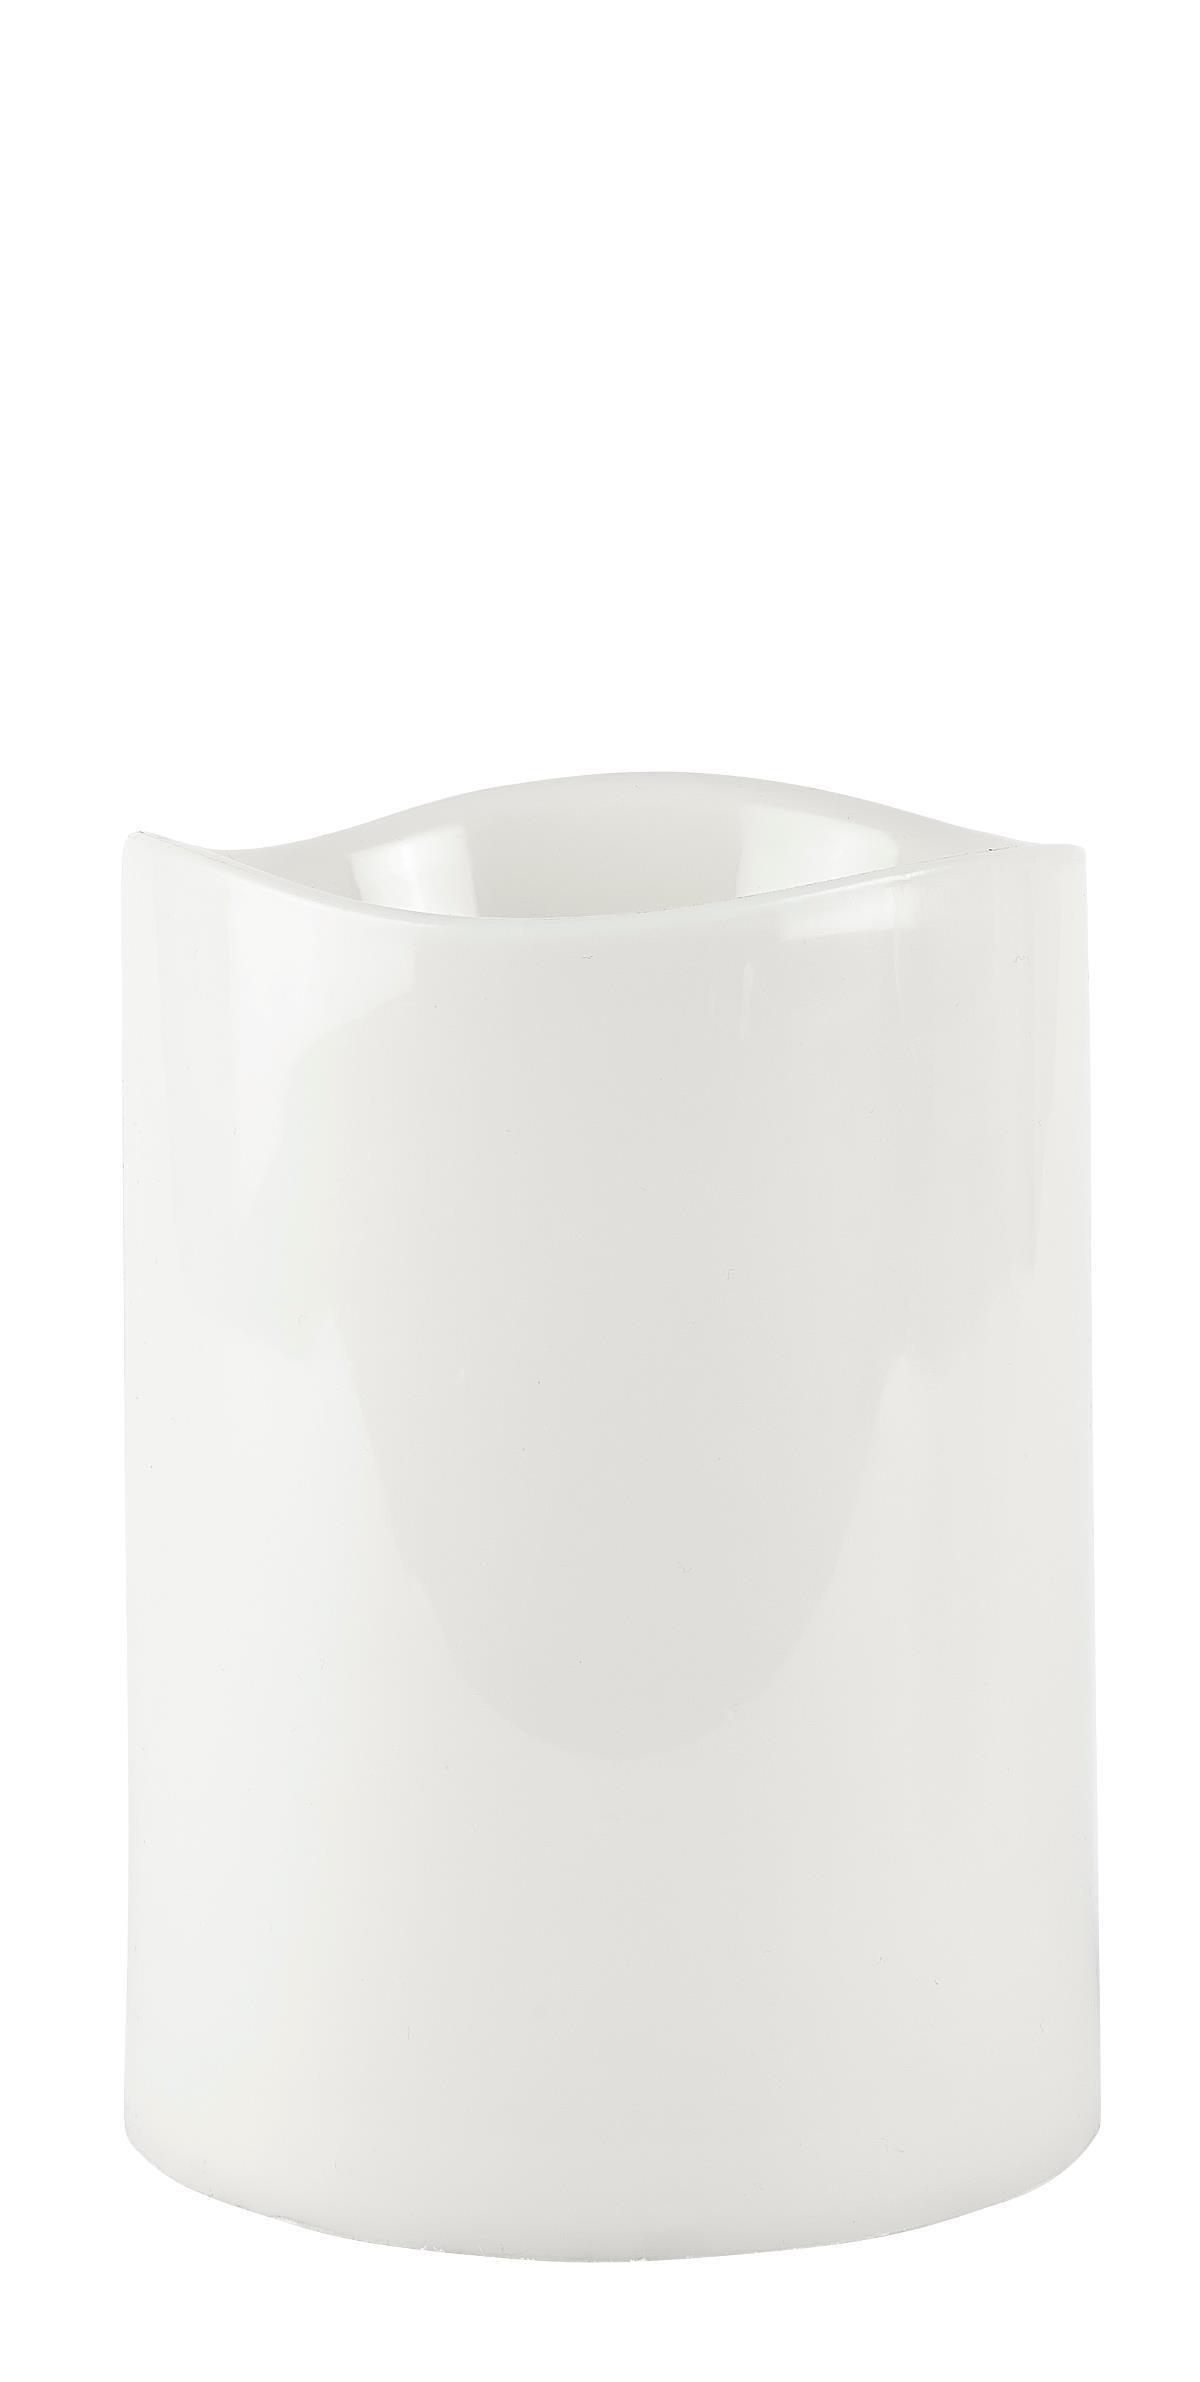 Image of   Villa Collection LED bloklys m. timer PP Hvid, Glat D 15 cm H 20 cm